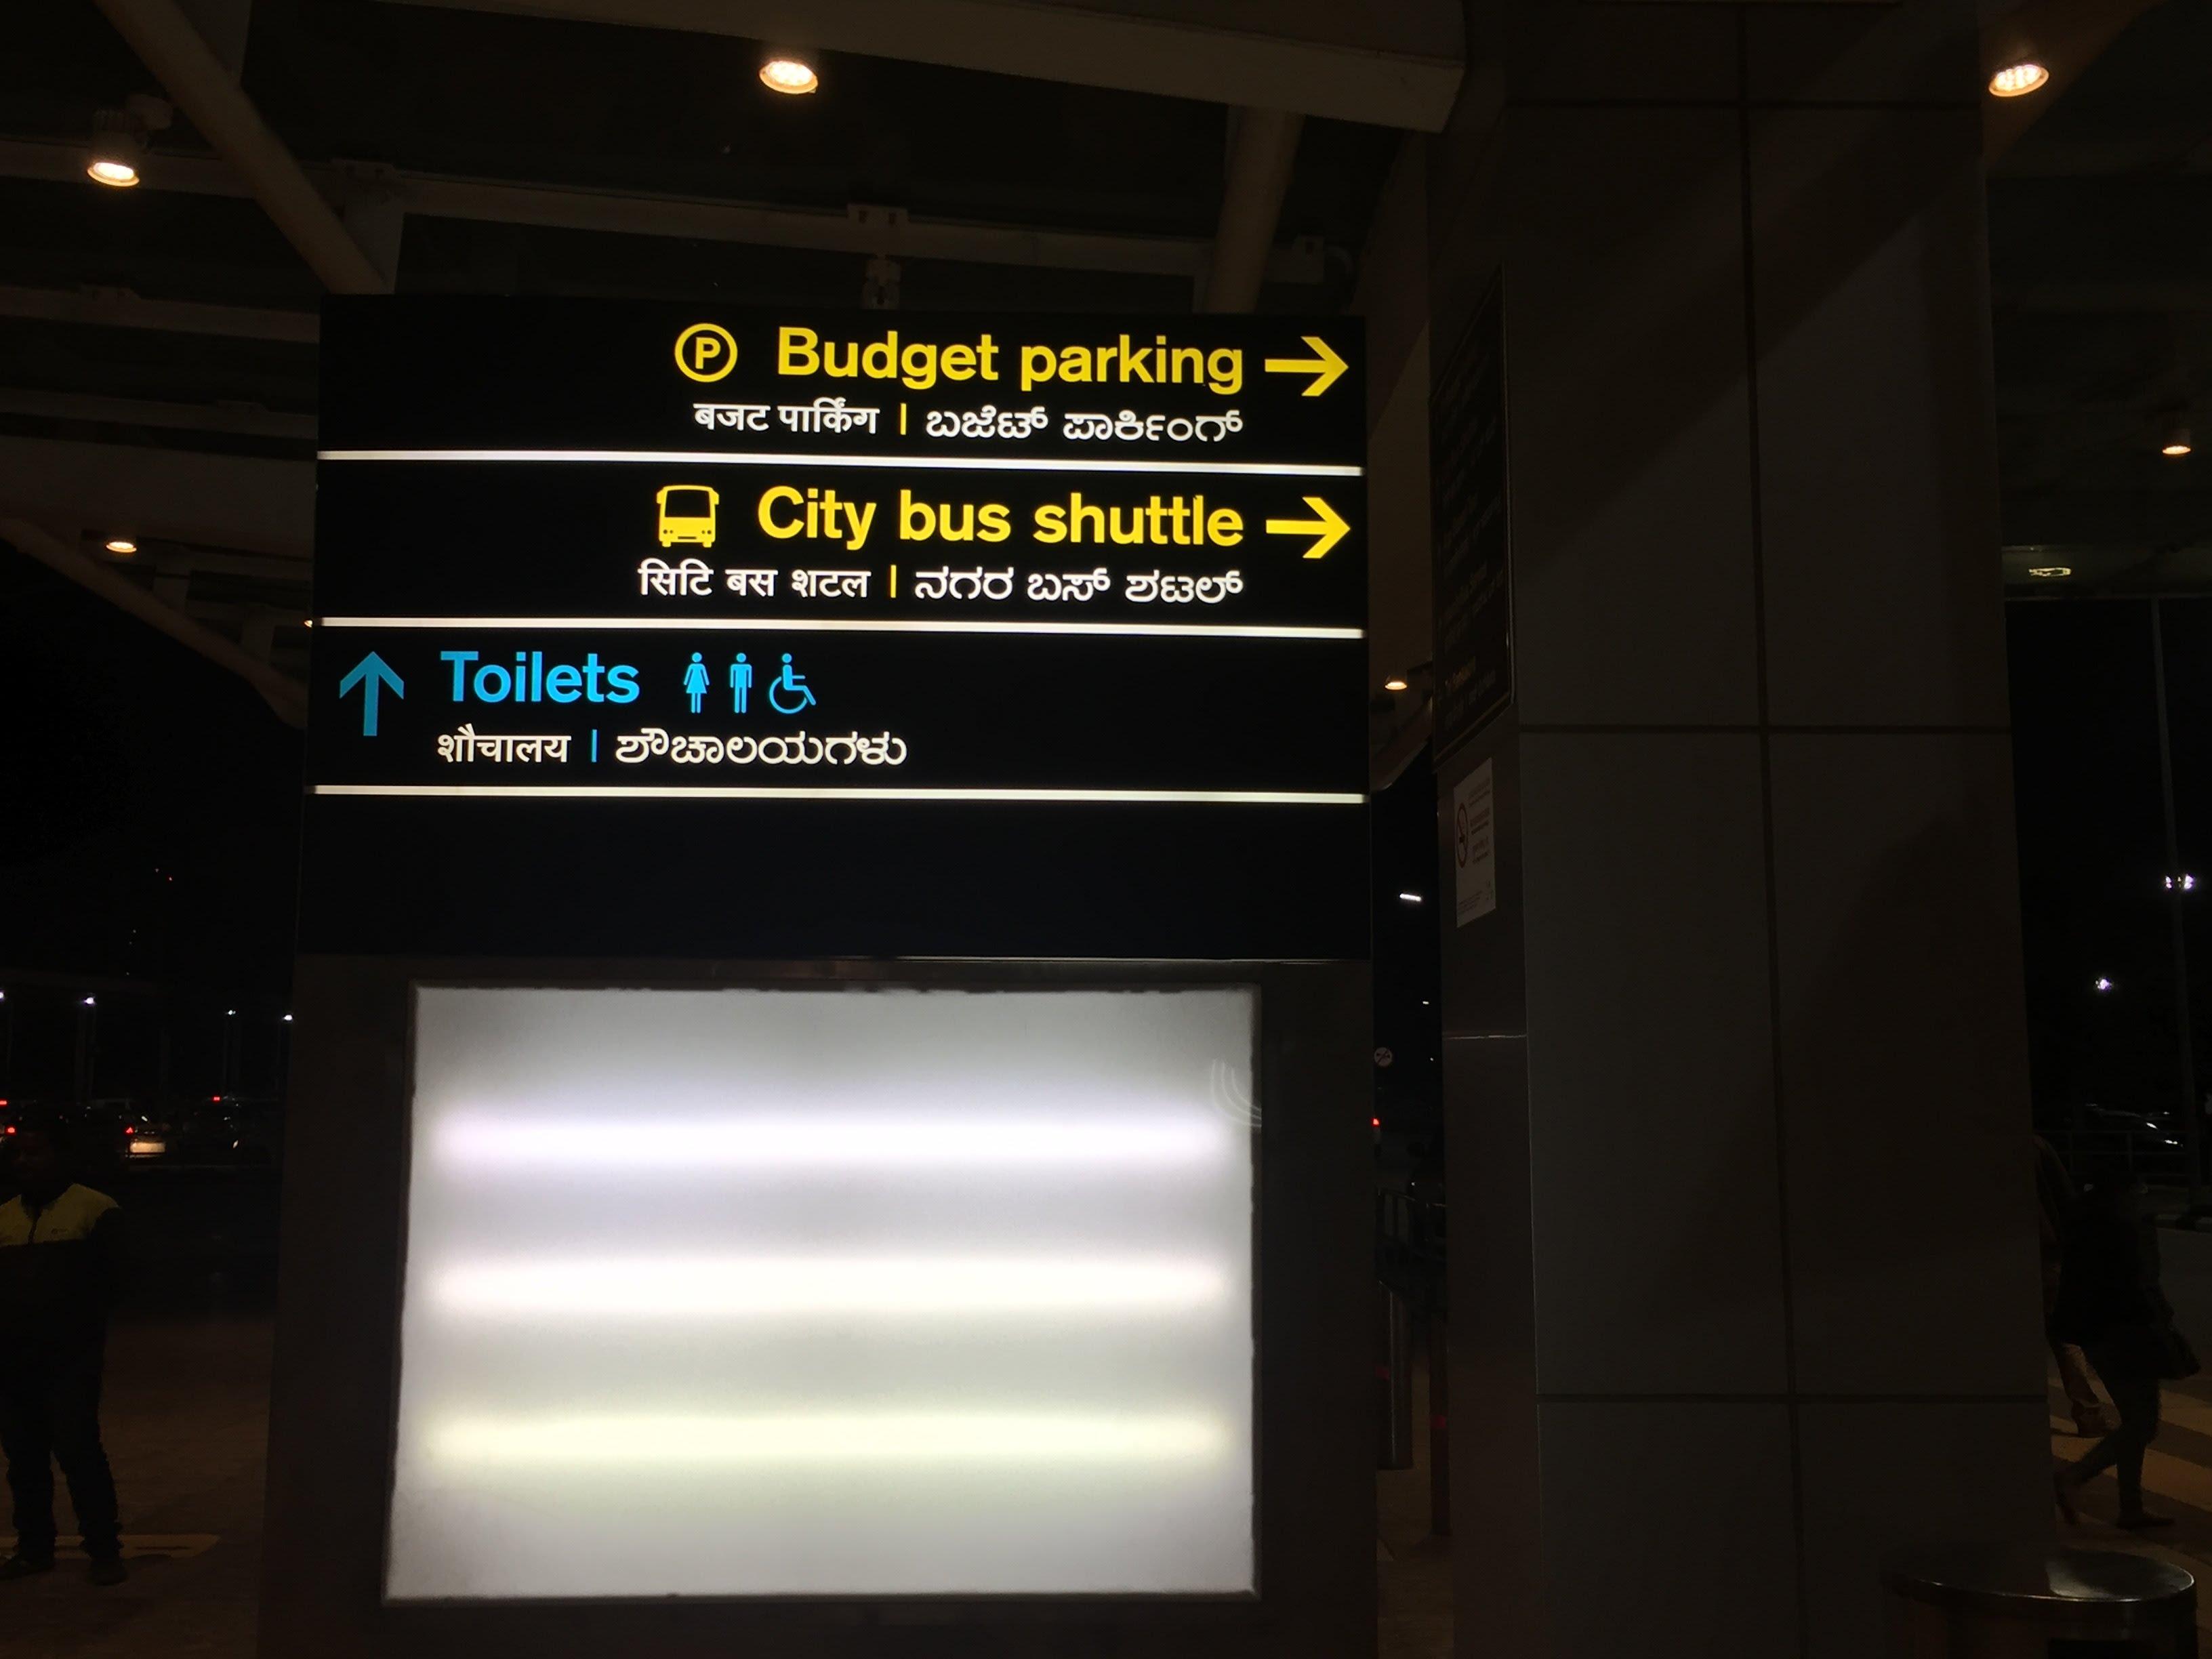 班加羅爾機場交通 : 前往市區的交通巴士 Photographer | Zach Huang